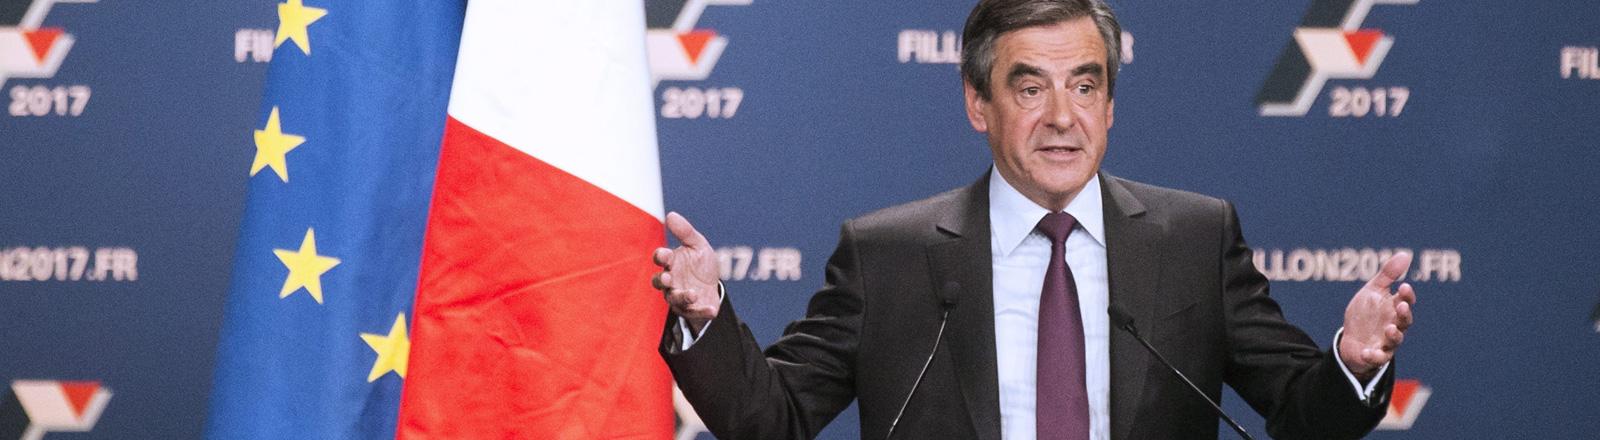 François Fillon  französischer Präsidentschaftskandidat der Republikaner